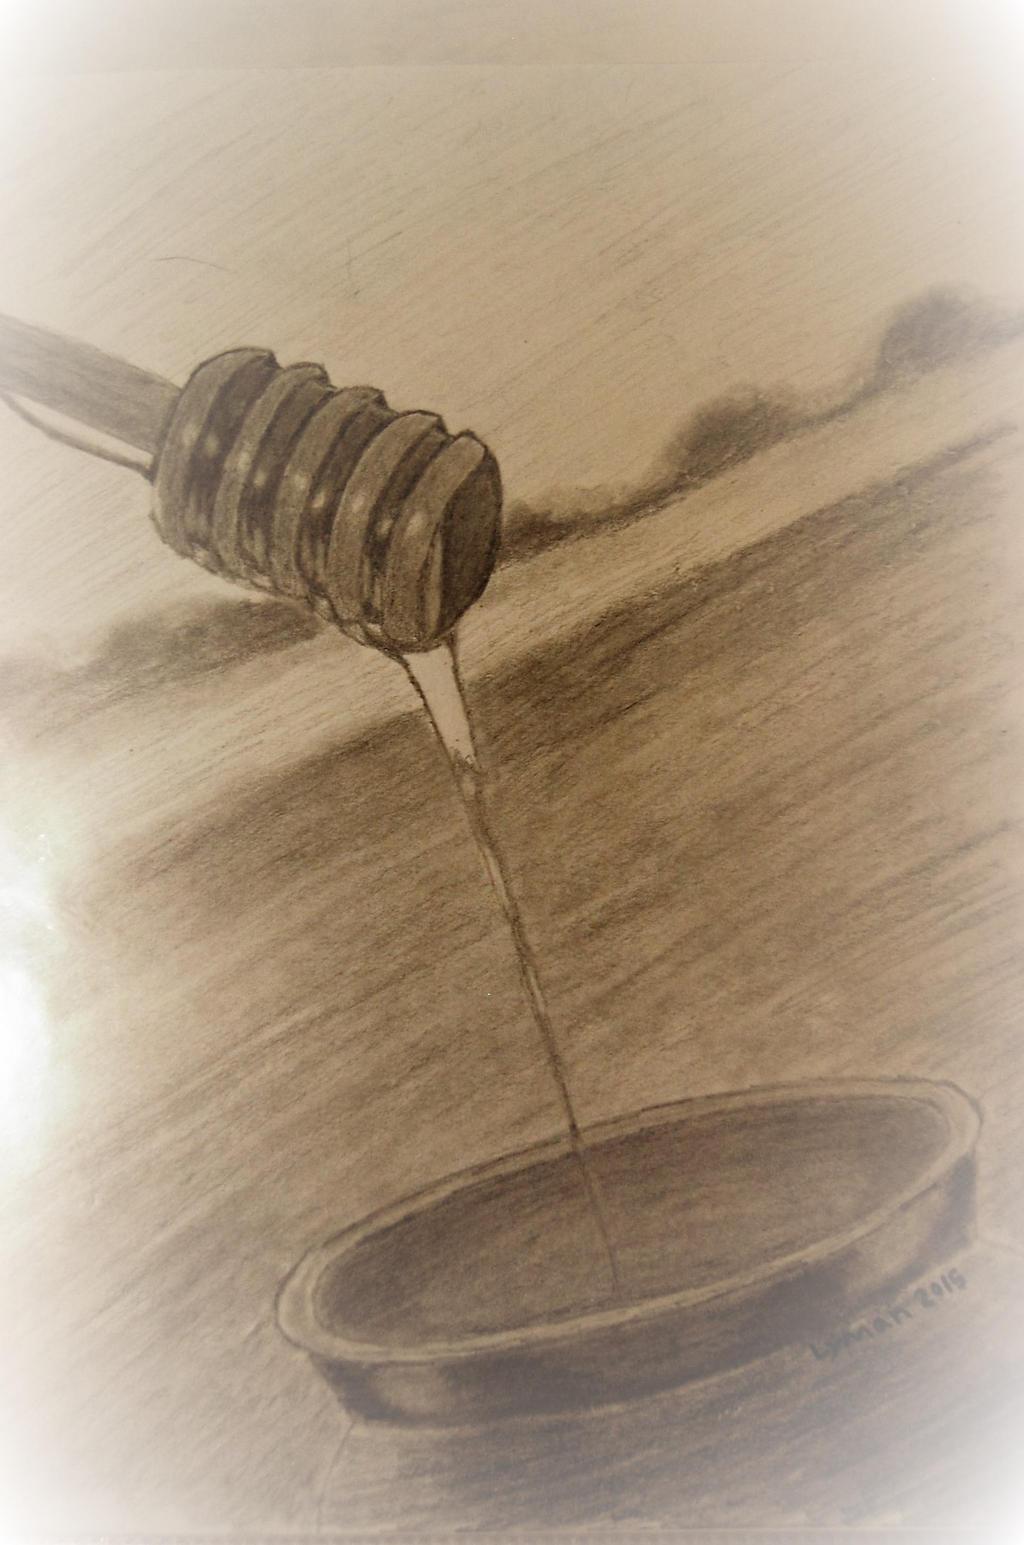 Honey by maxpinkie